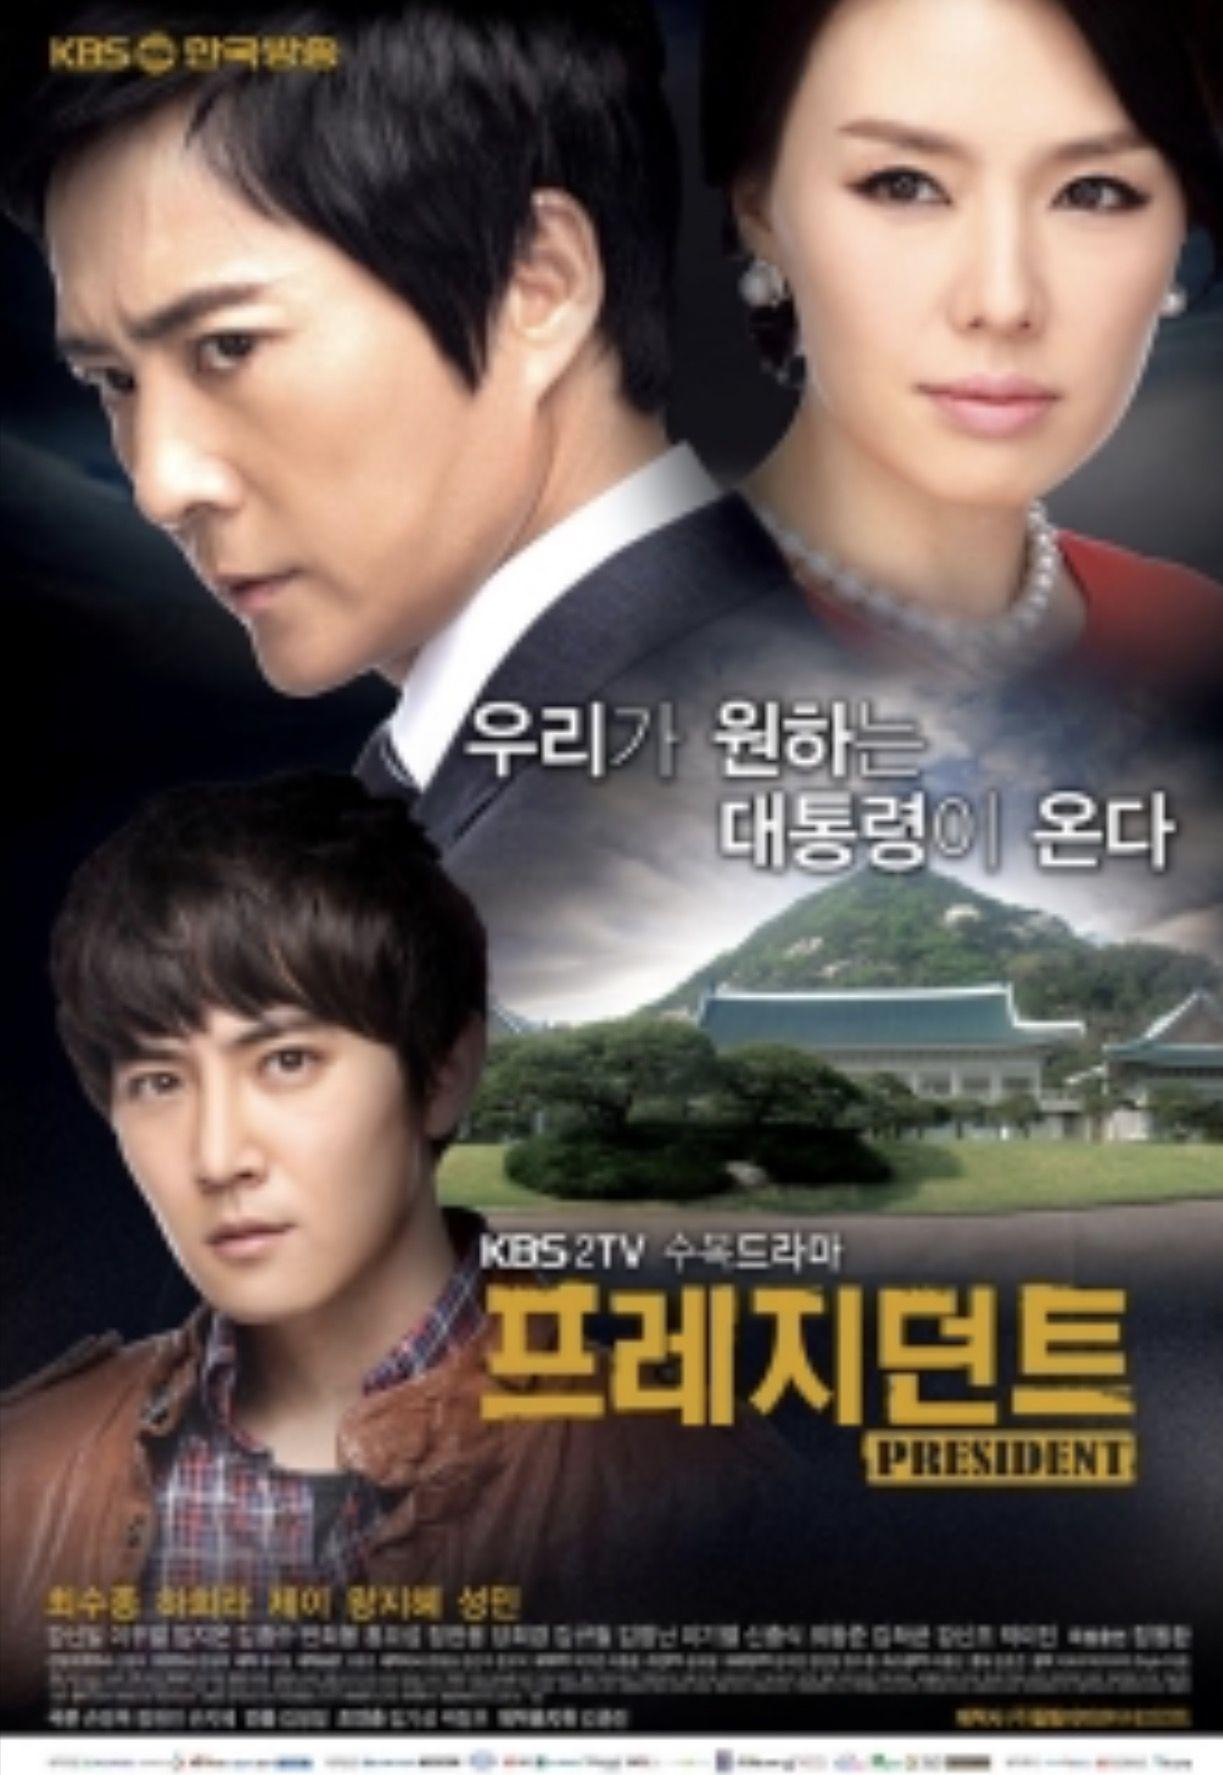 President Korean drama, All korean drama, Korean drama